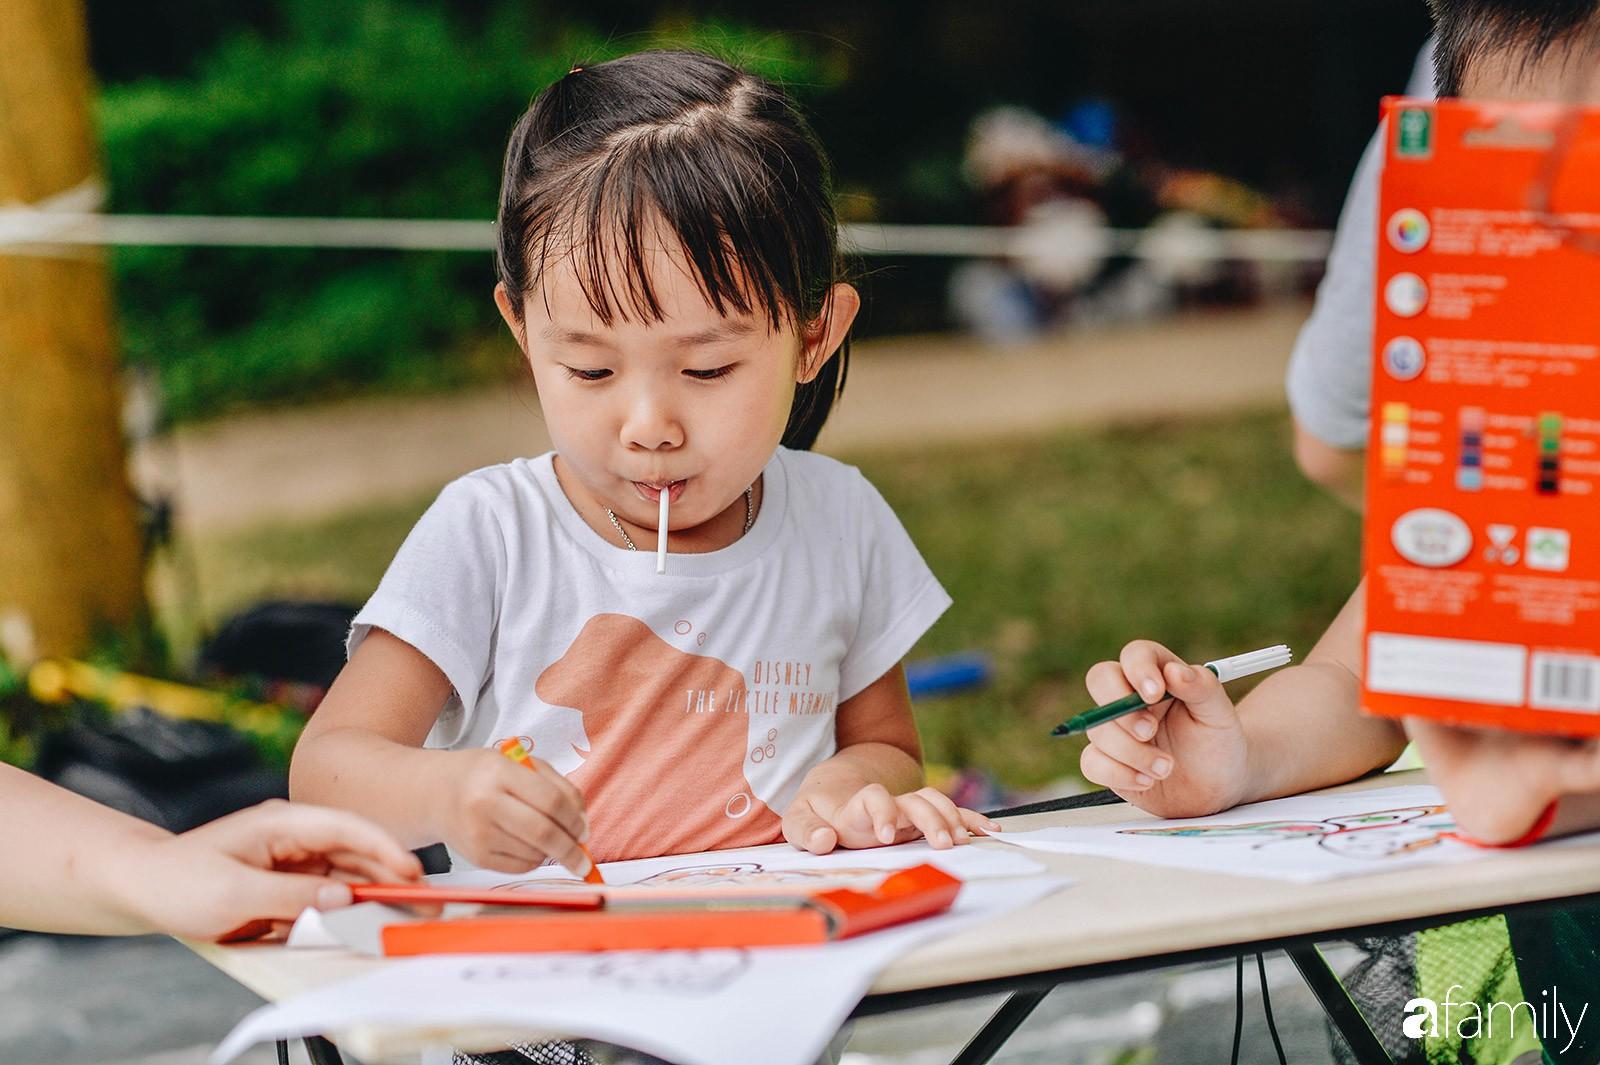 Trường mẫu giáo không thể thay bố mẹ nuôi dạy con bạn thành những đứa trẻ thành công và hạnh phúc - Ảnh 4.